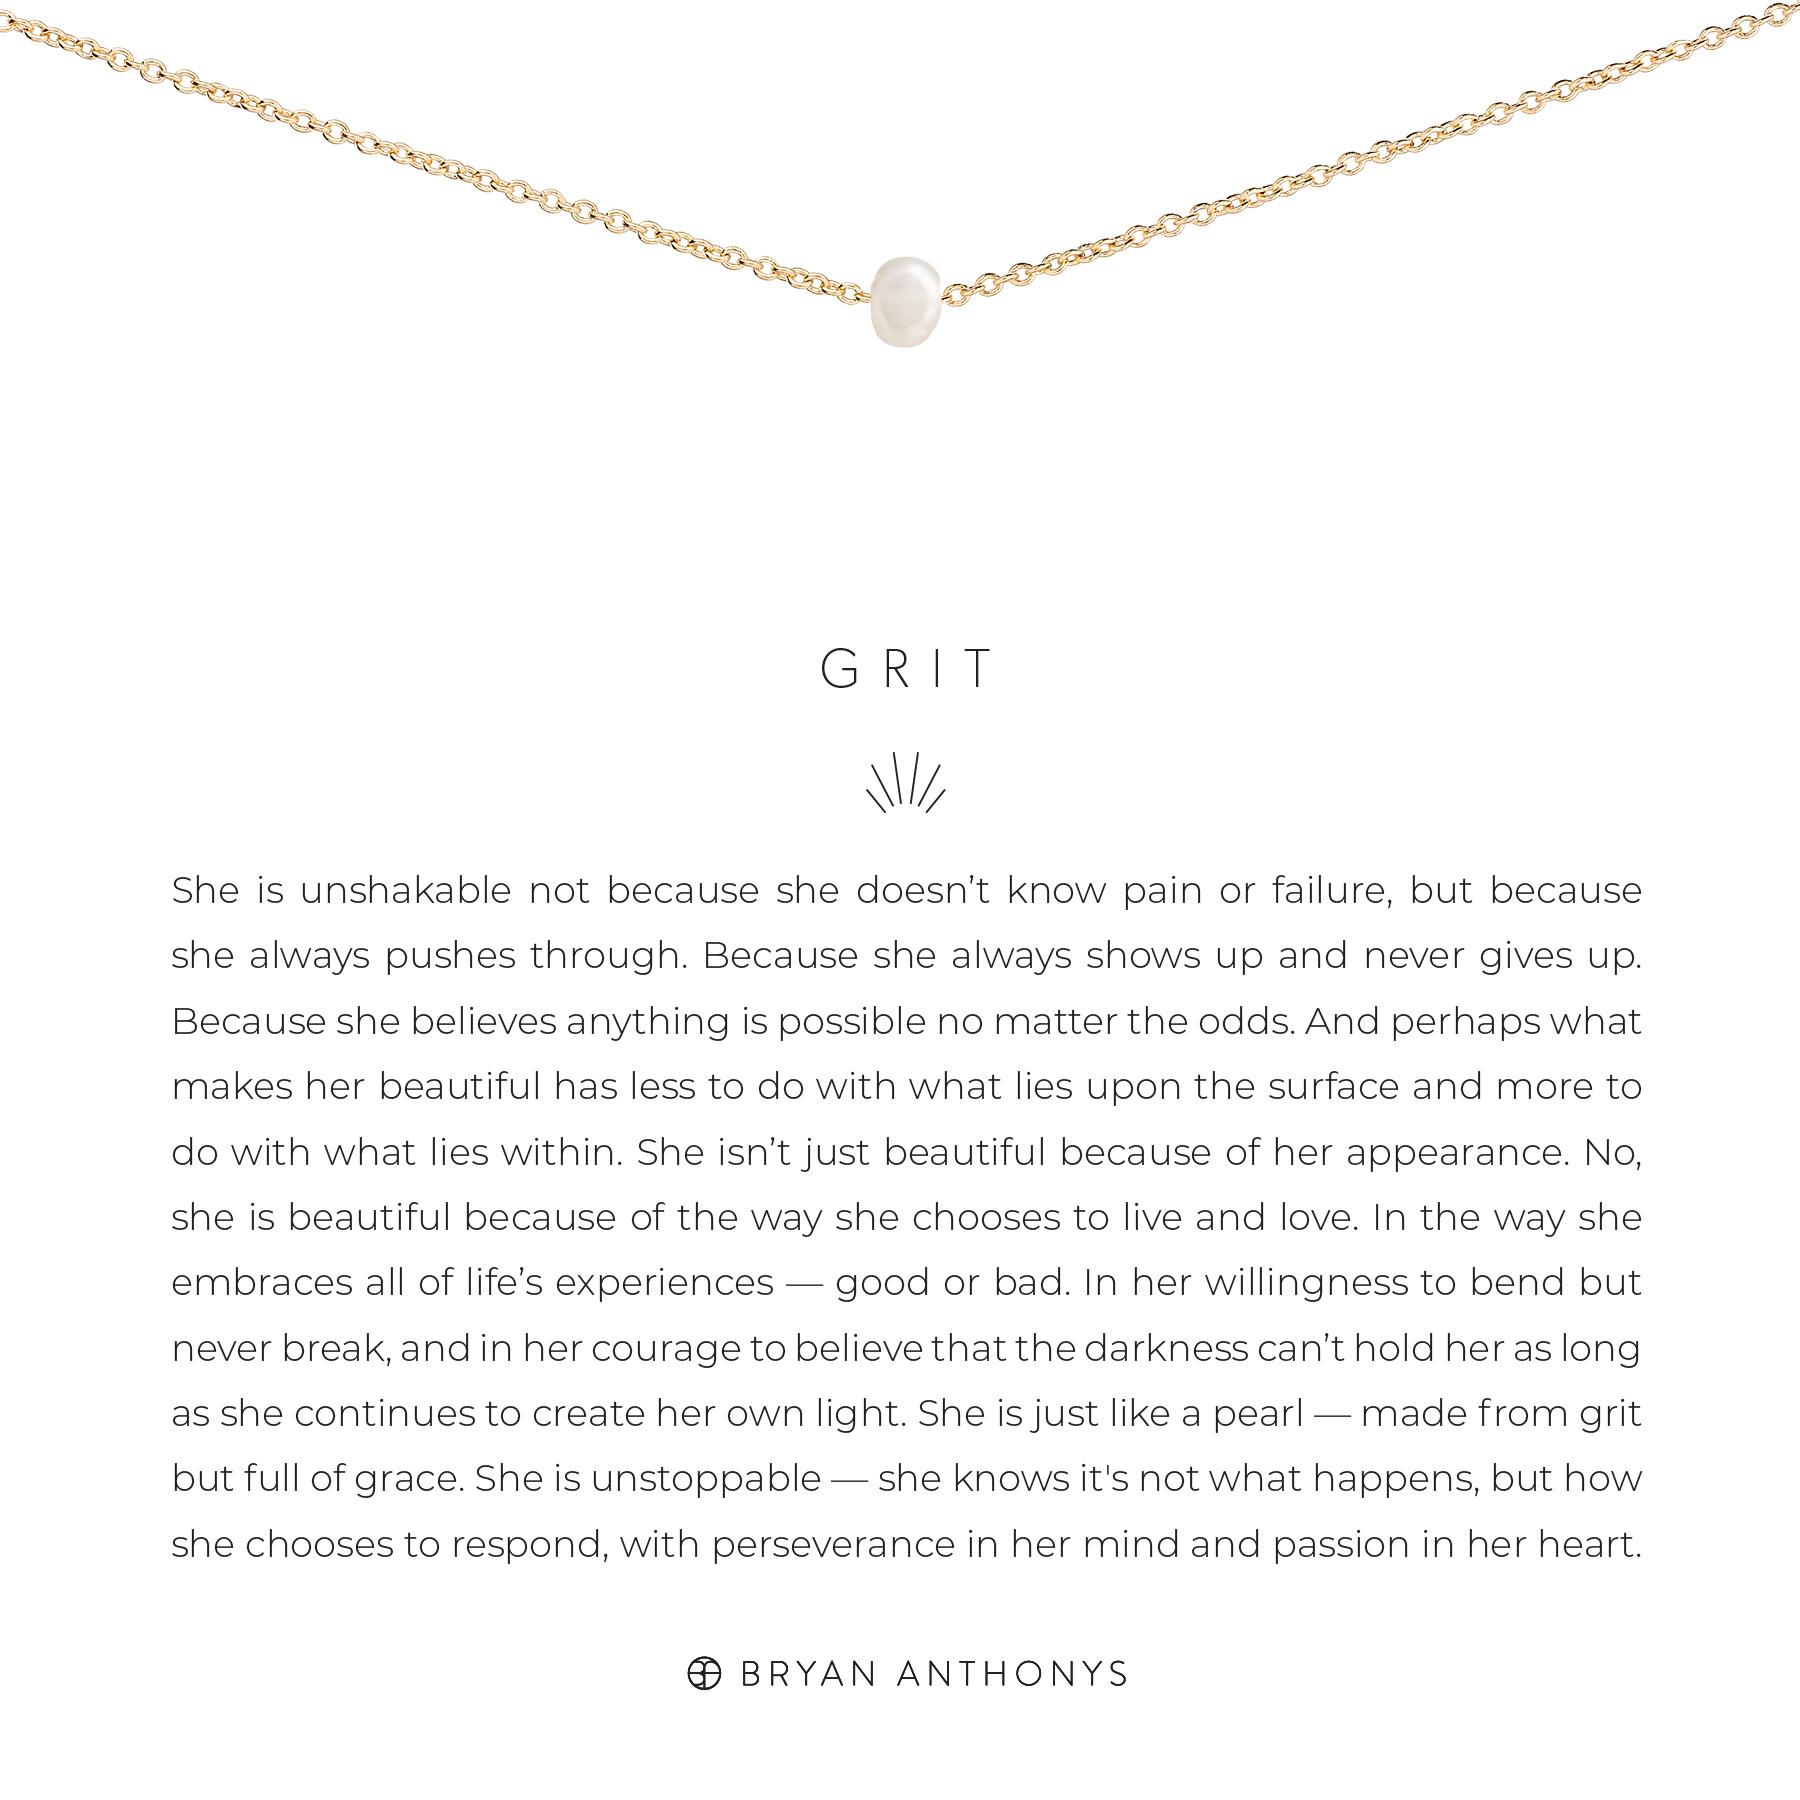 Bryan Anthonys Bryan Anthonys Grit Necklace